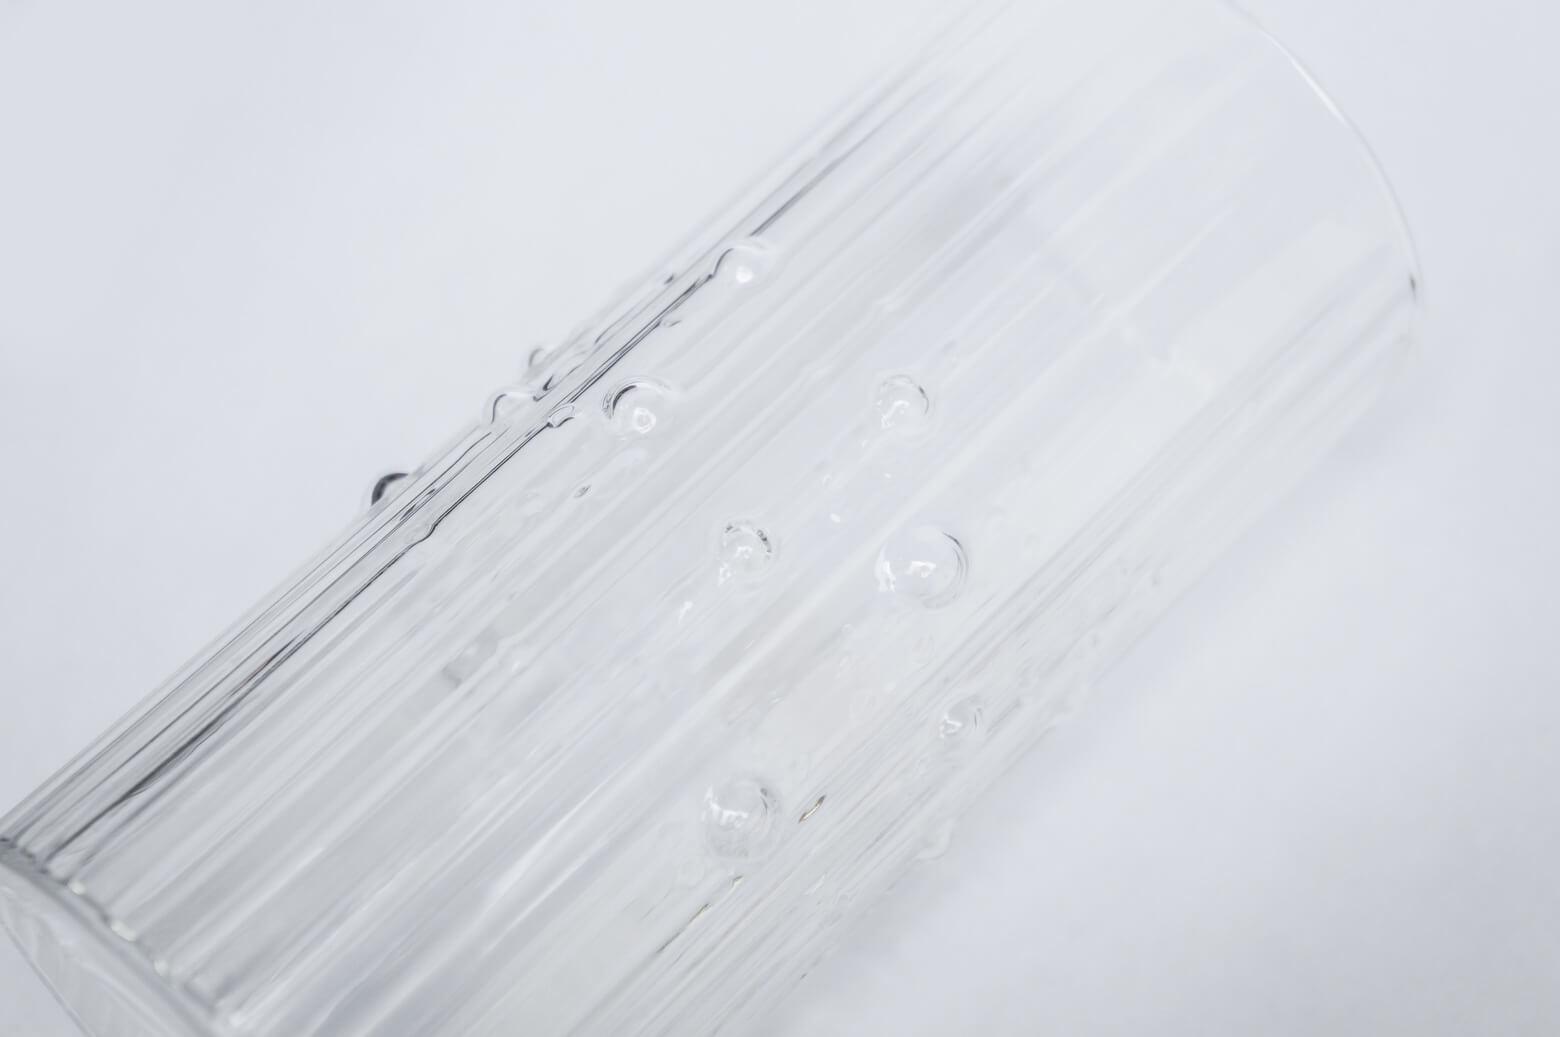 iittala mesi Glass Tumbler Tapio Wirkkala/イッタラ メシ タピオ ヴィルカラ グラス 8